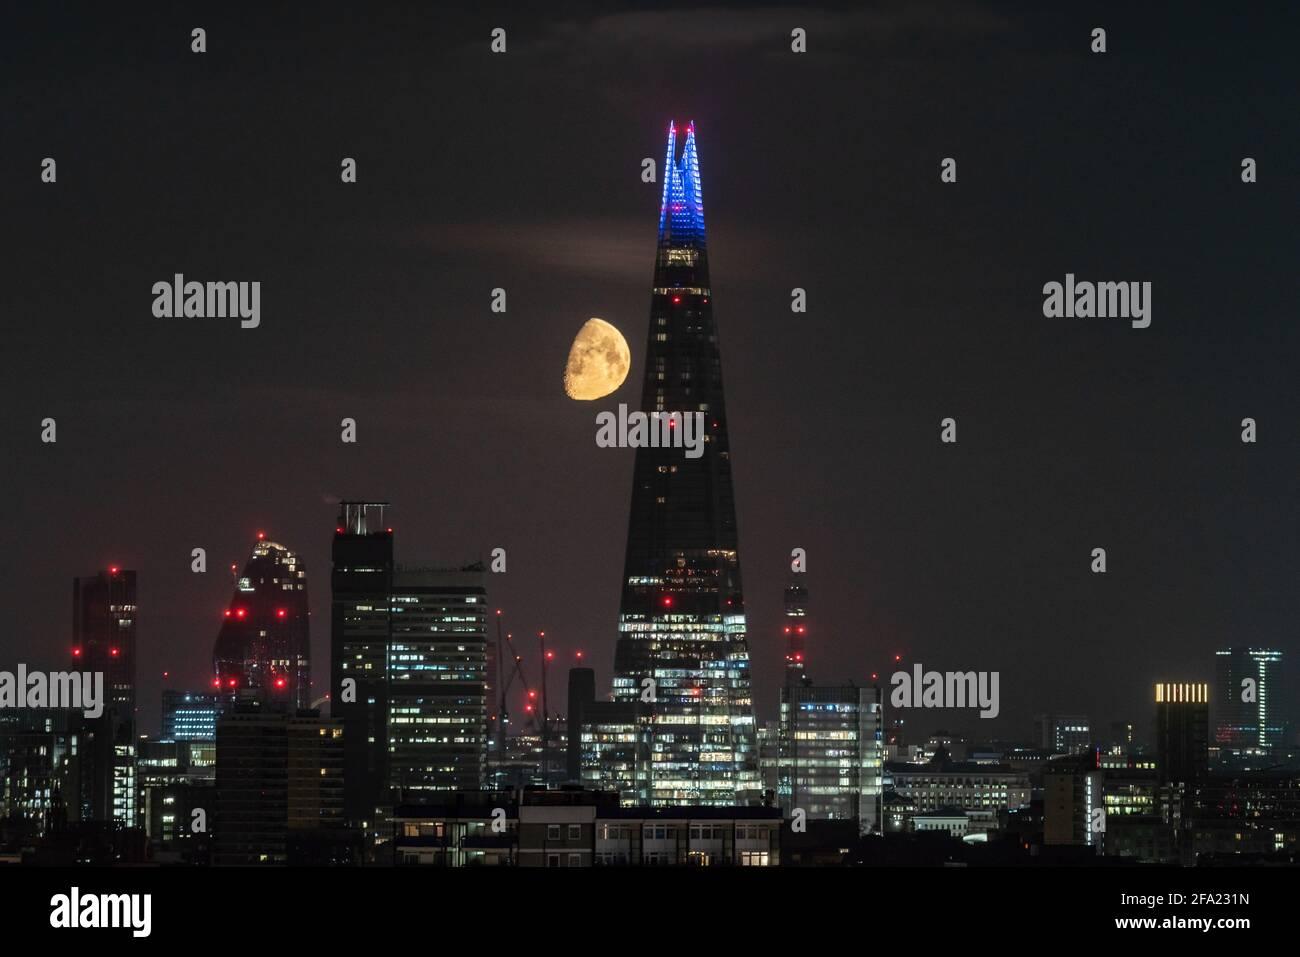 Londres, Royaume-Uni. 22 avril 2021. Météo au Royaume-Uni : une lune de Gibbous à 75 % de cire continue de se coucher tôt jeudi derrière le gratte-ciel de Shard, suivant une direction nord-ouest. Credit: Guy Corbishley/Alamy Live News Banque D'Images